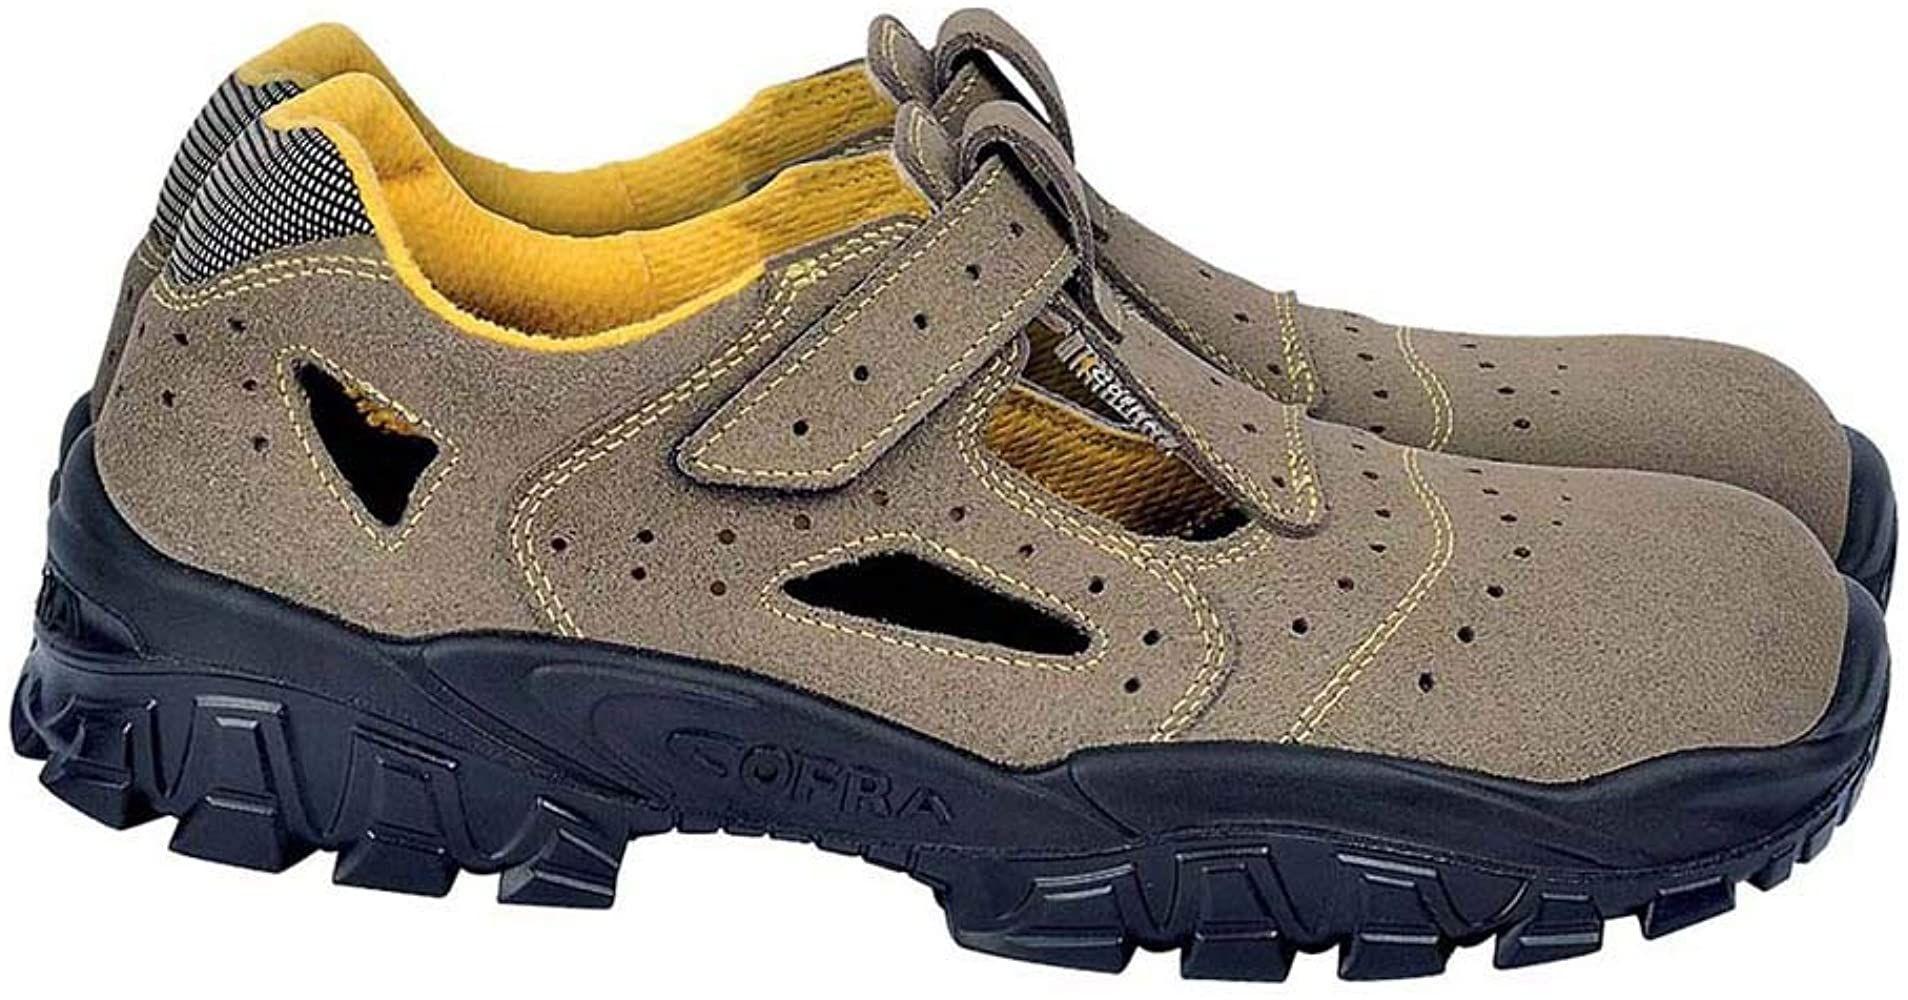 TALLA 37 - Marca Cofra Calzado de protección